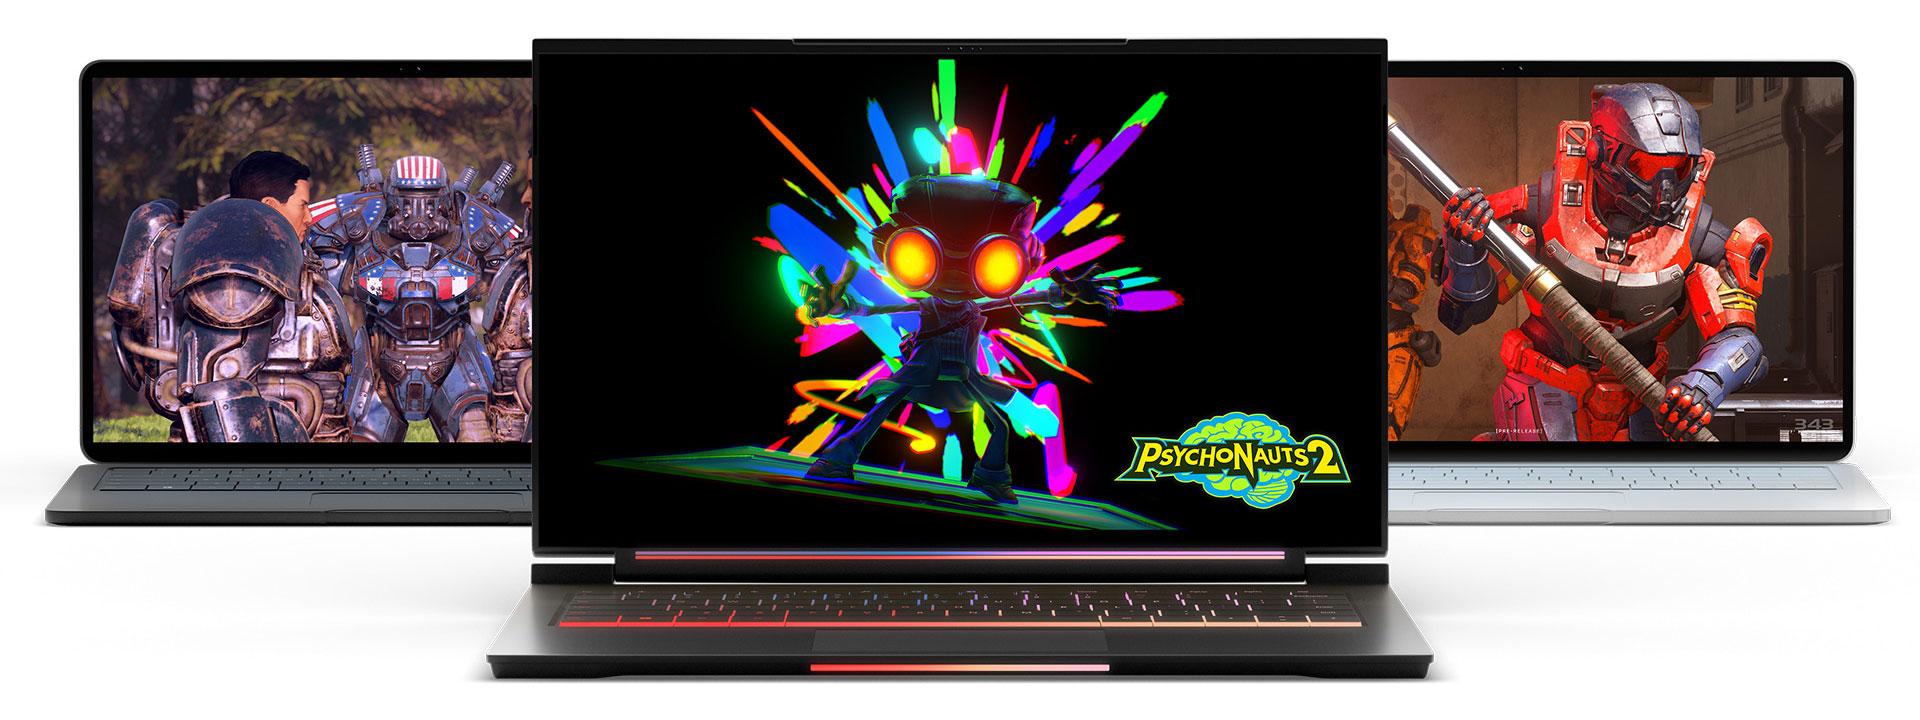 Ekranlarında video oyunlarıyla 3 dizüstü bilgisayar